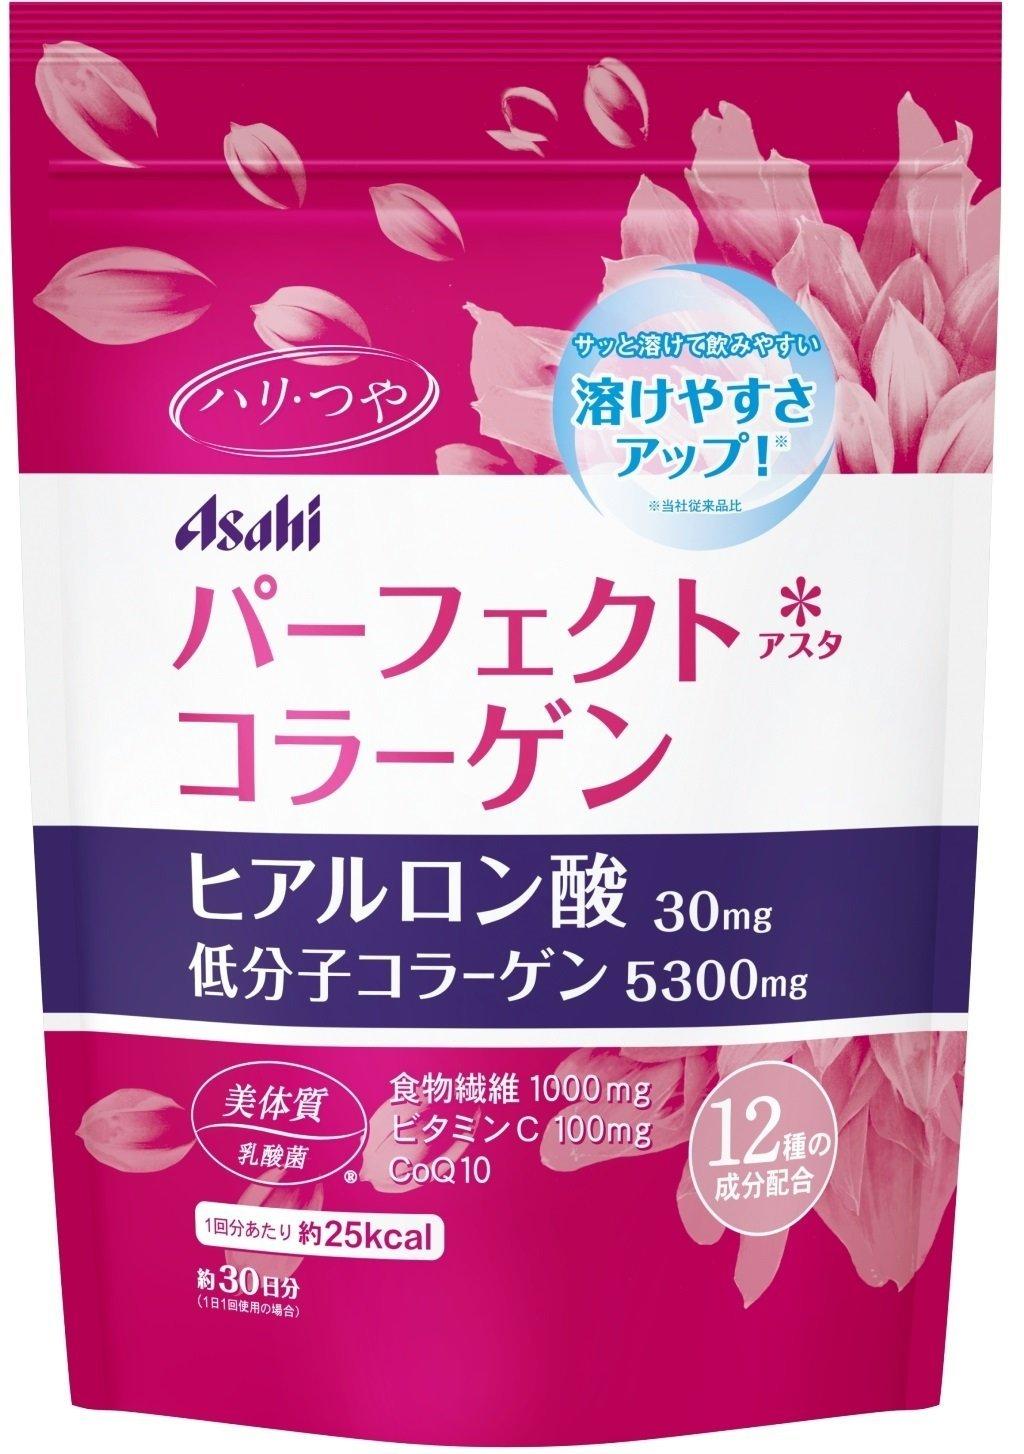 日本原裝 ASAHI日本朝日膠原蛋白粉補充包30日份225g - 一九九六的夏天 - 限時優惠好康折扣